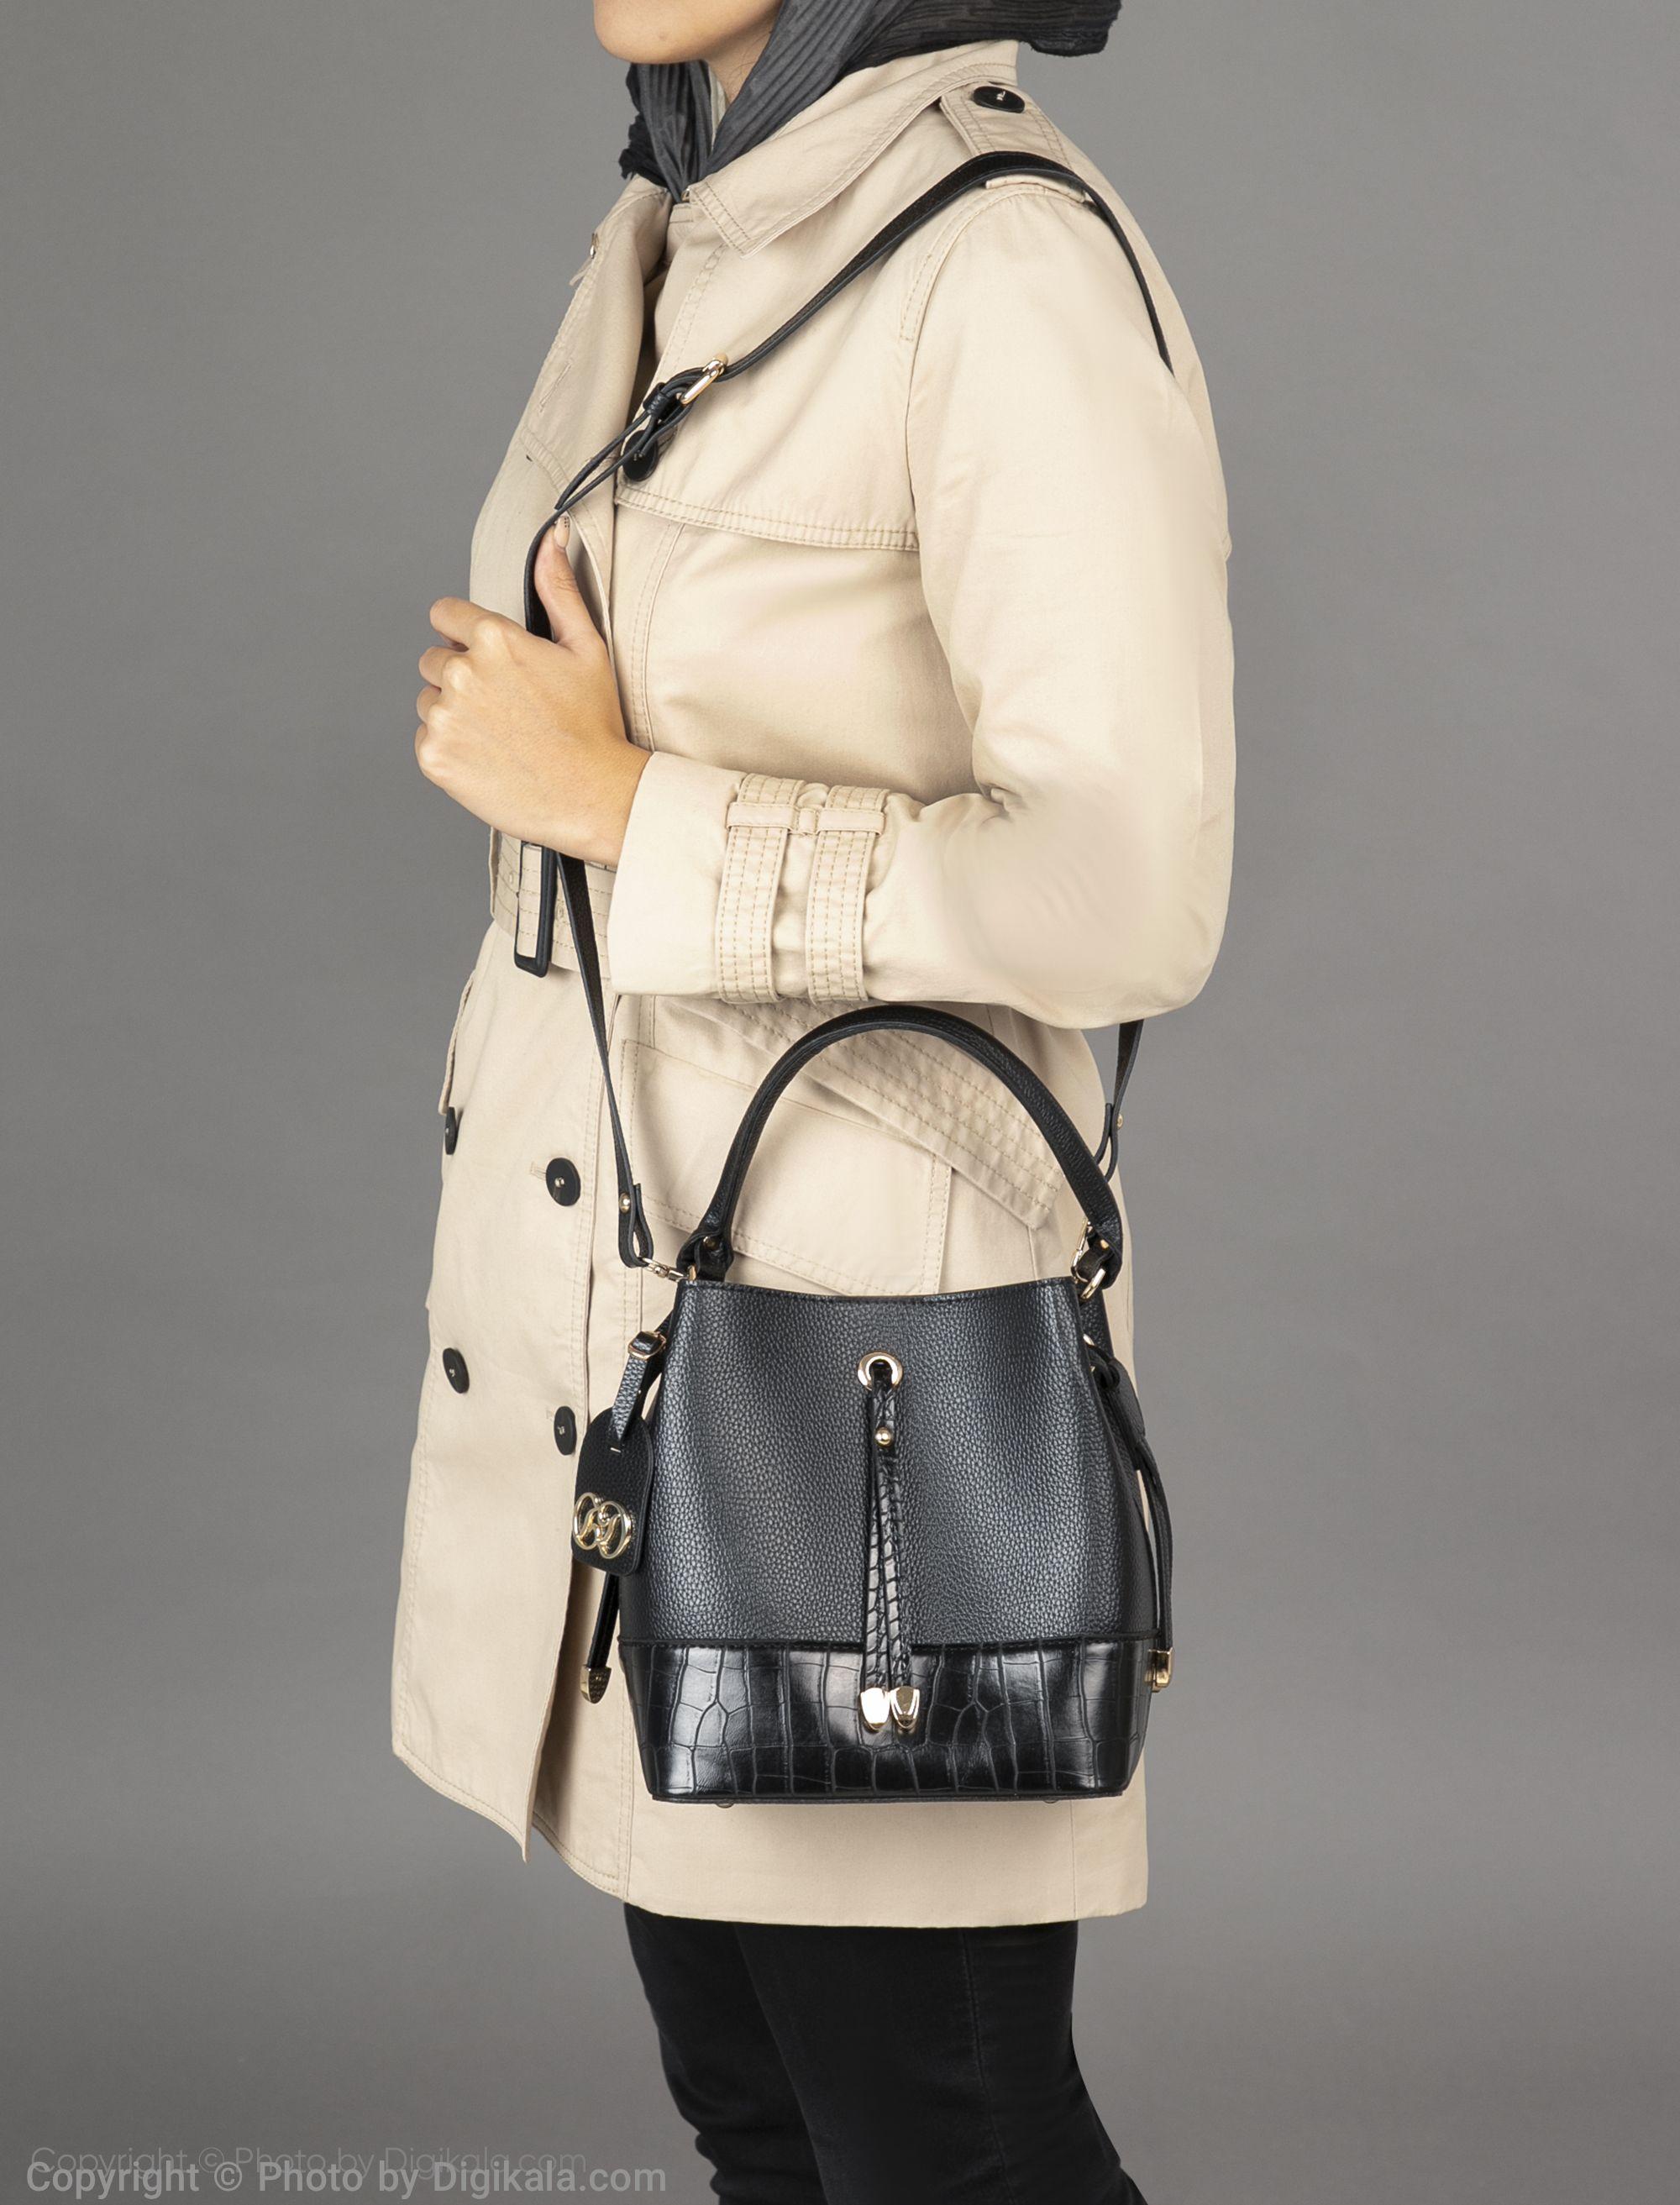 کیف دستی زنانه دنیلی مدل 86364577 -  - 3